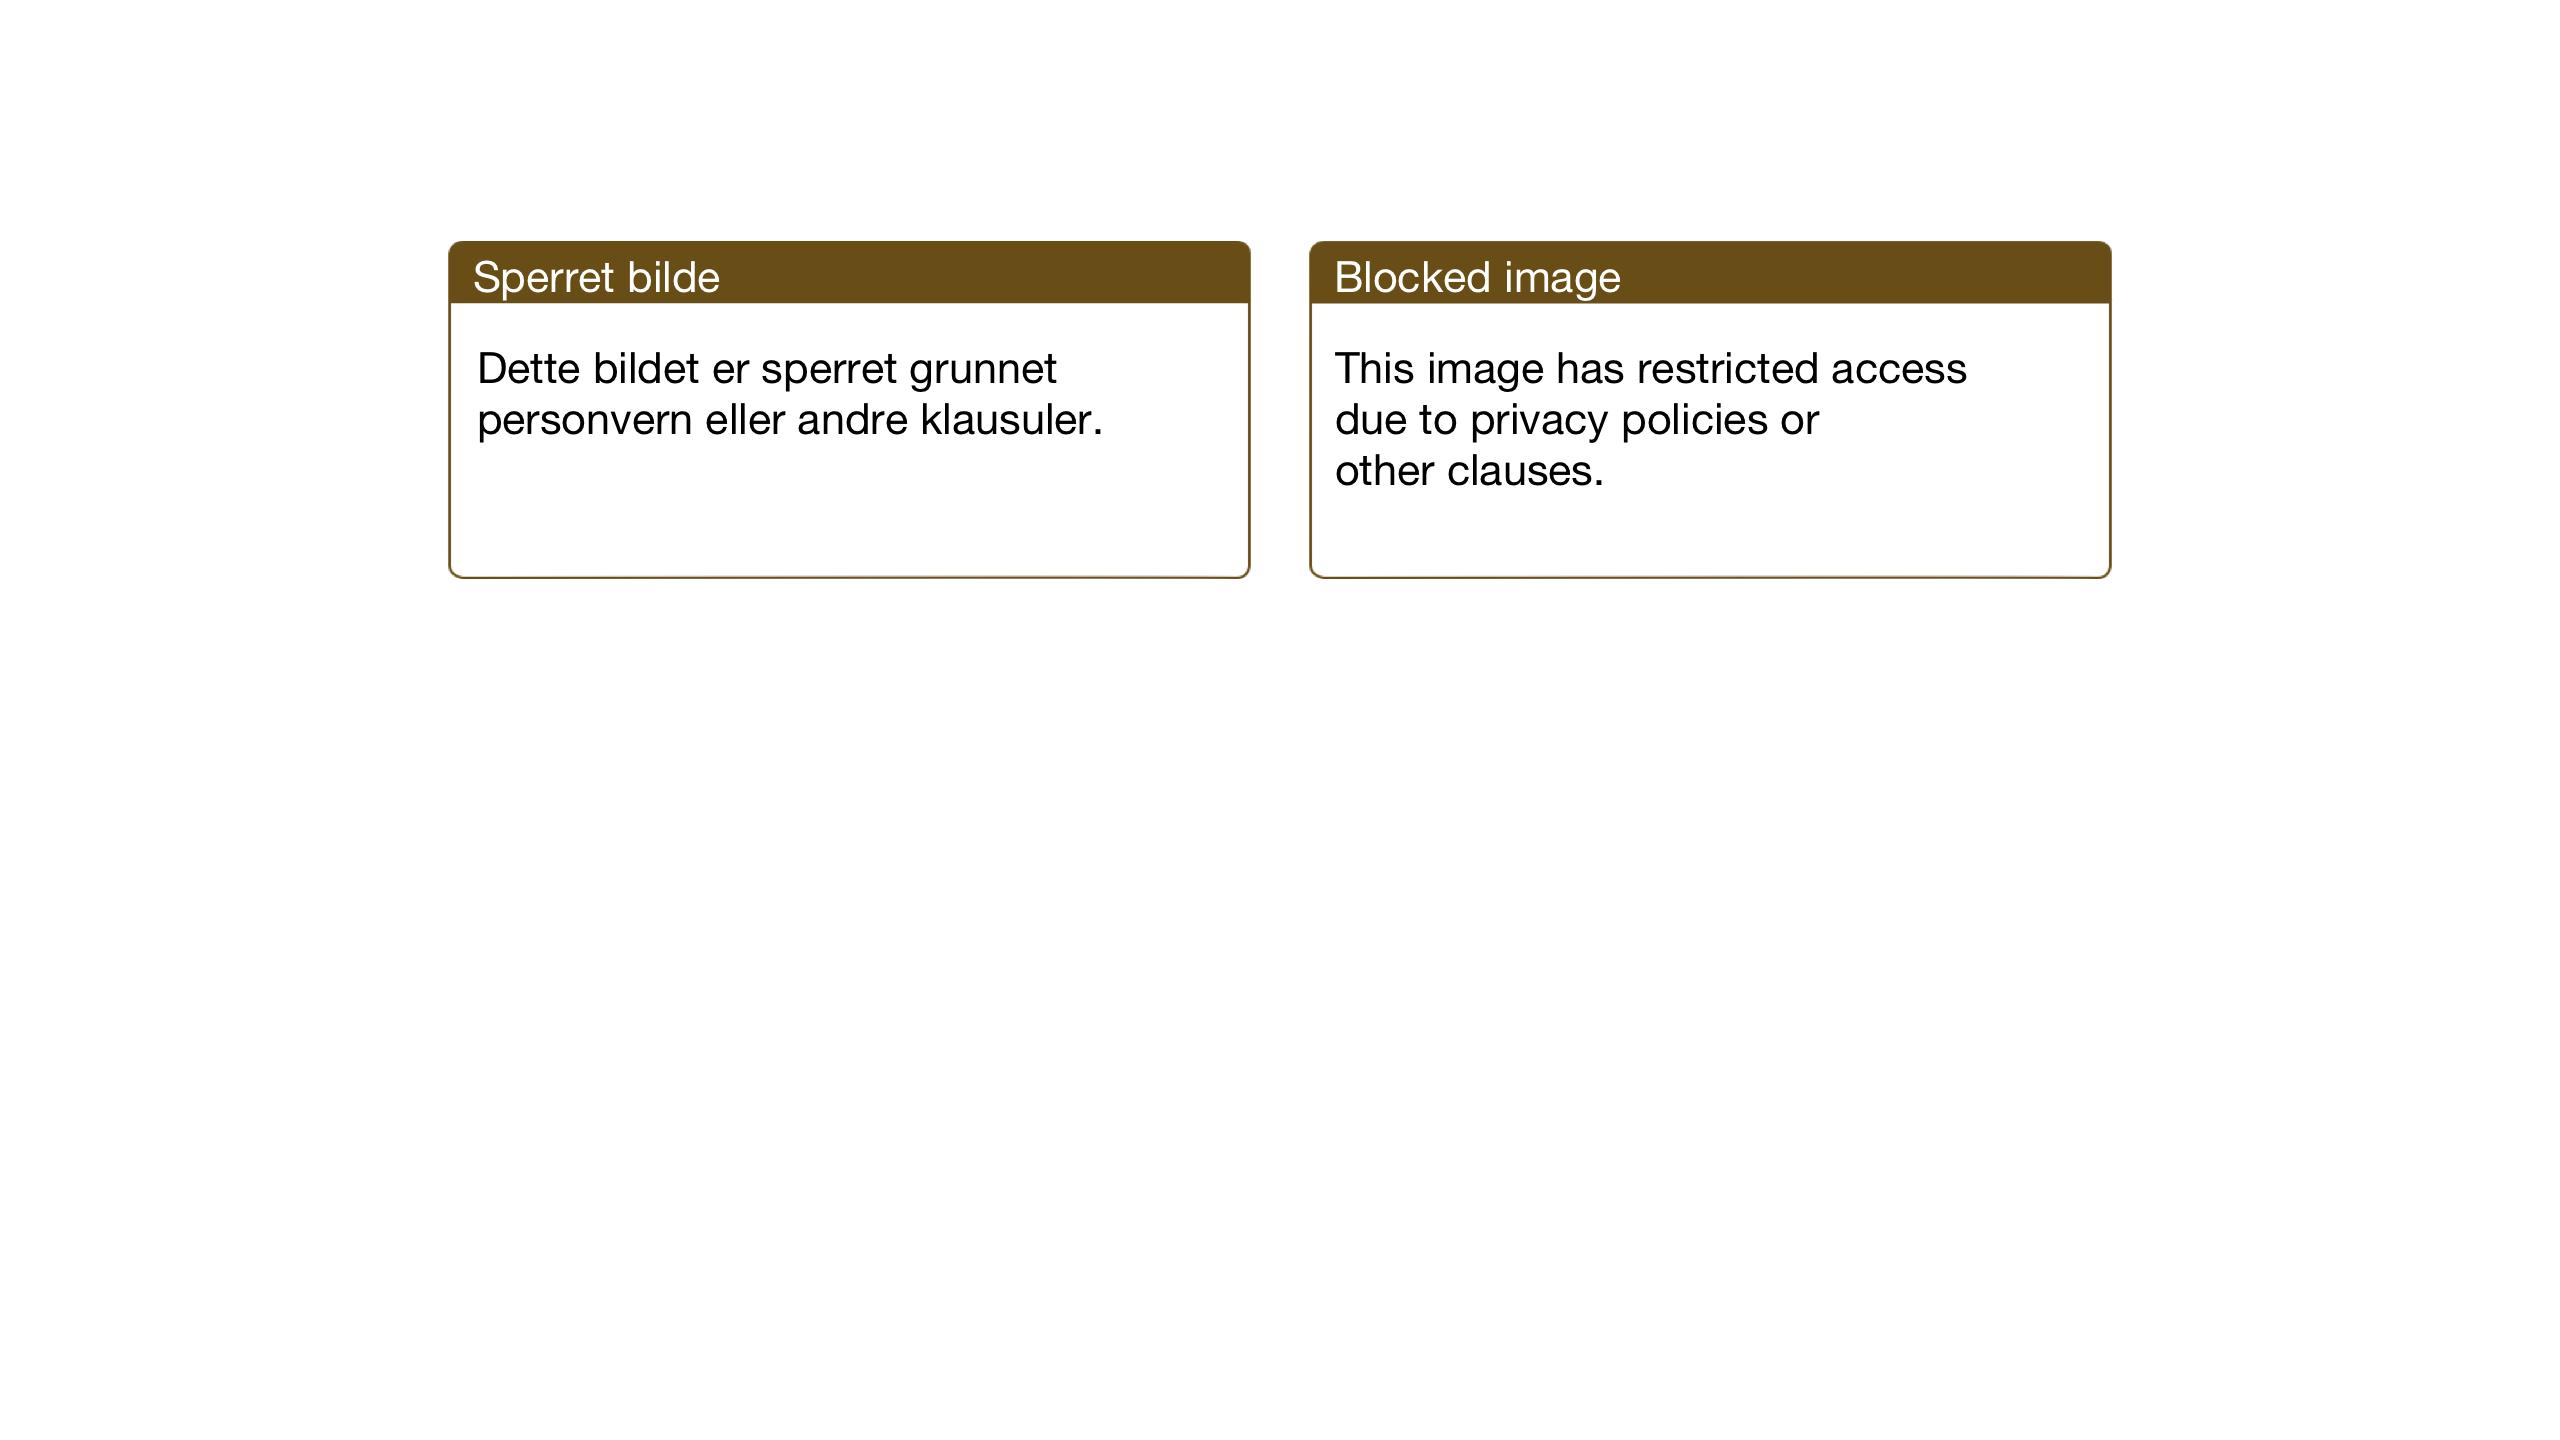 SAT, Ministerialprotokoller, klokkerbøker og fødselsregistre - Sør-Trøndelag, 667/L0799: Klokkerbok nr. 667C04, 1929-1950, s. 49